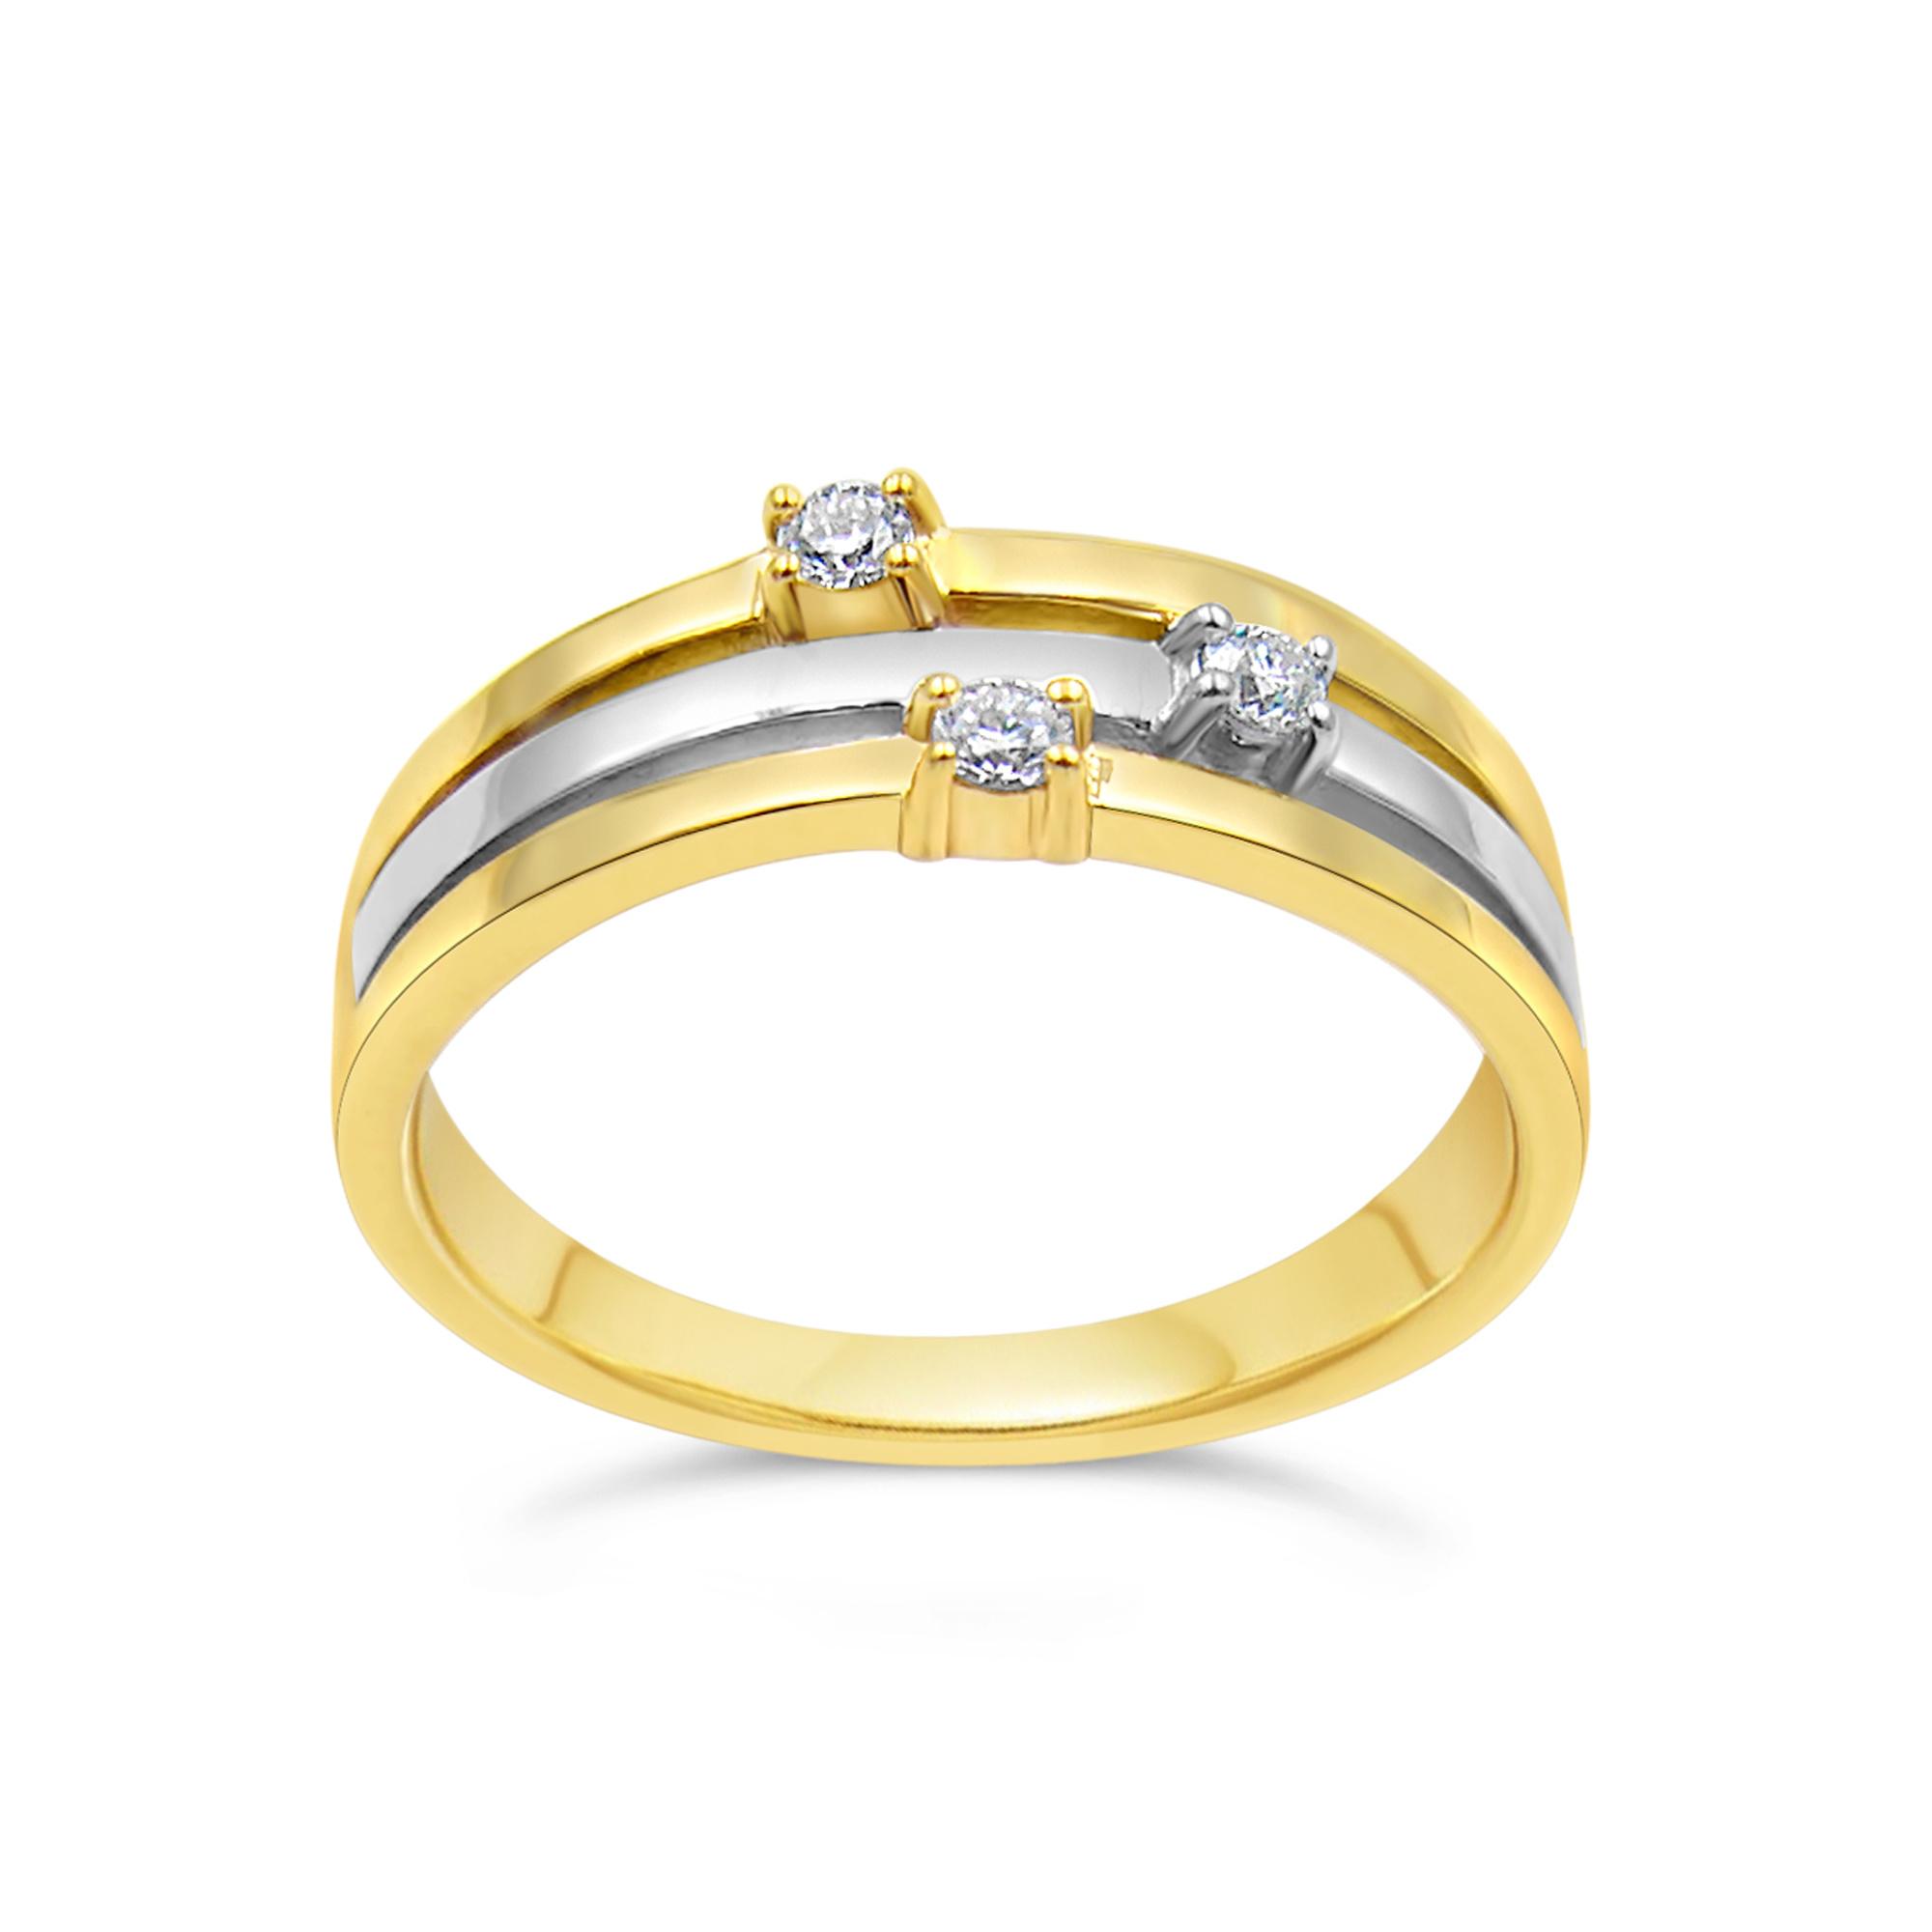 18kt geel en wit goud ring met 0.06 ct diamanten